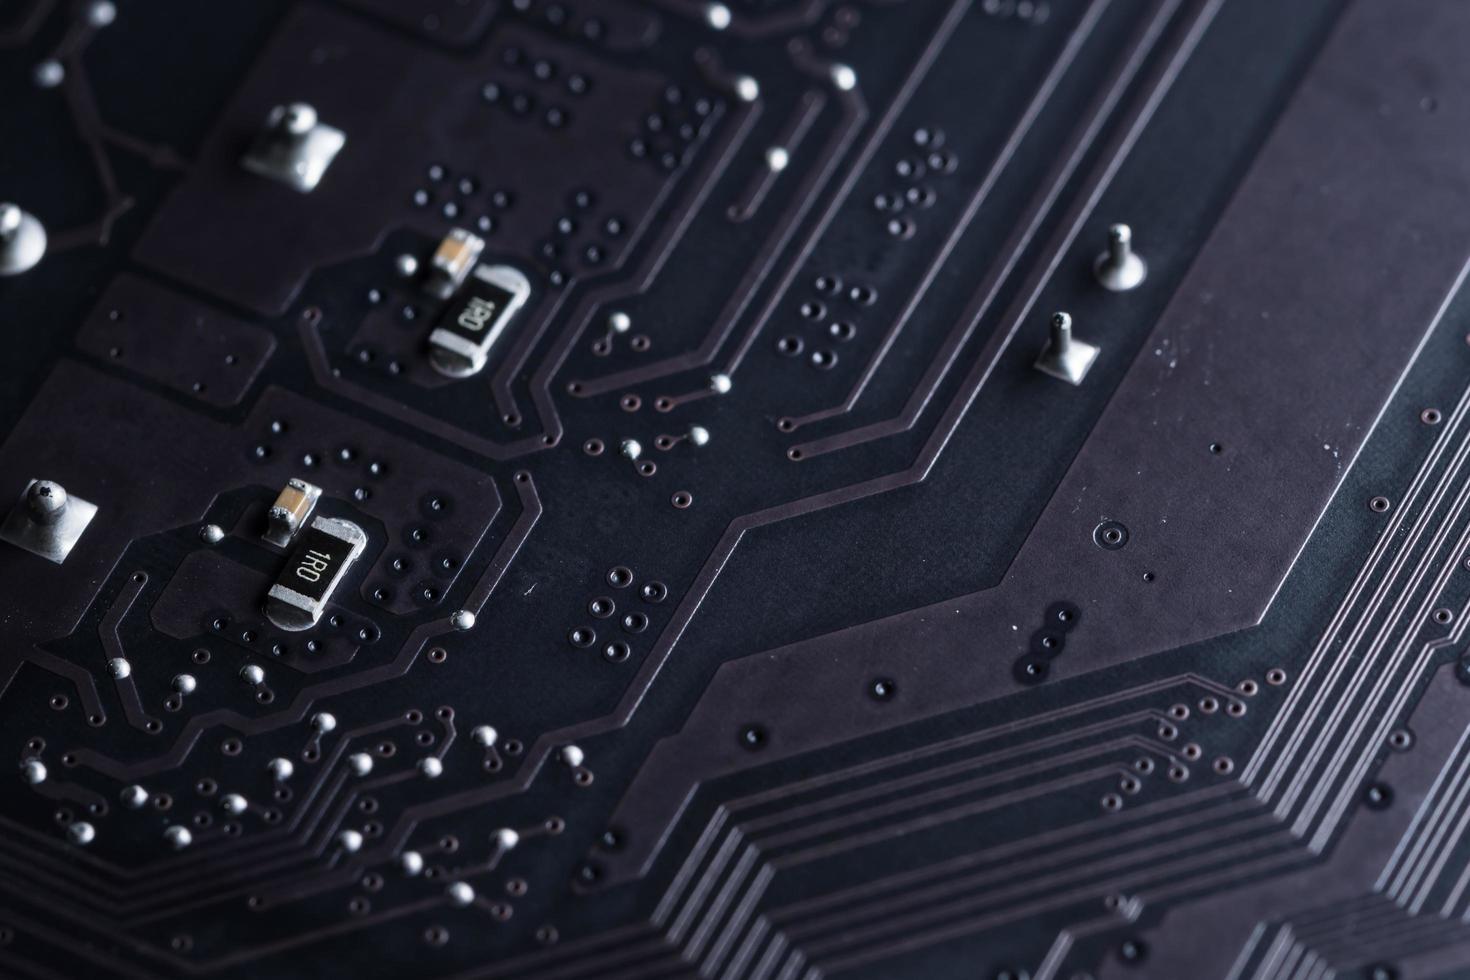 elektronische printplaat, close-up foto